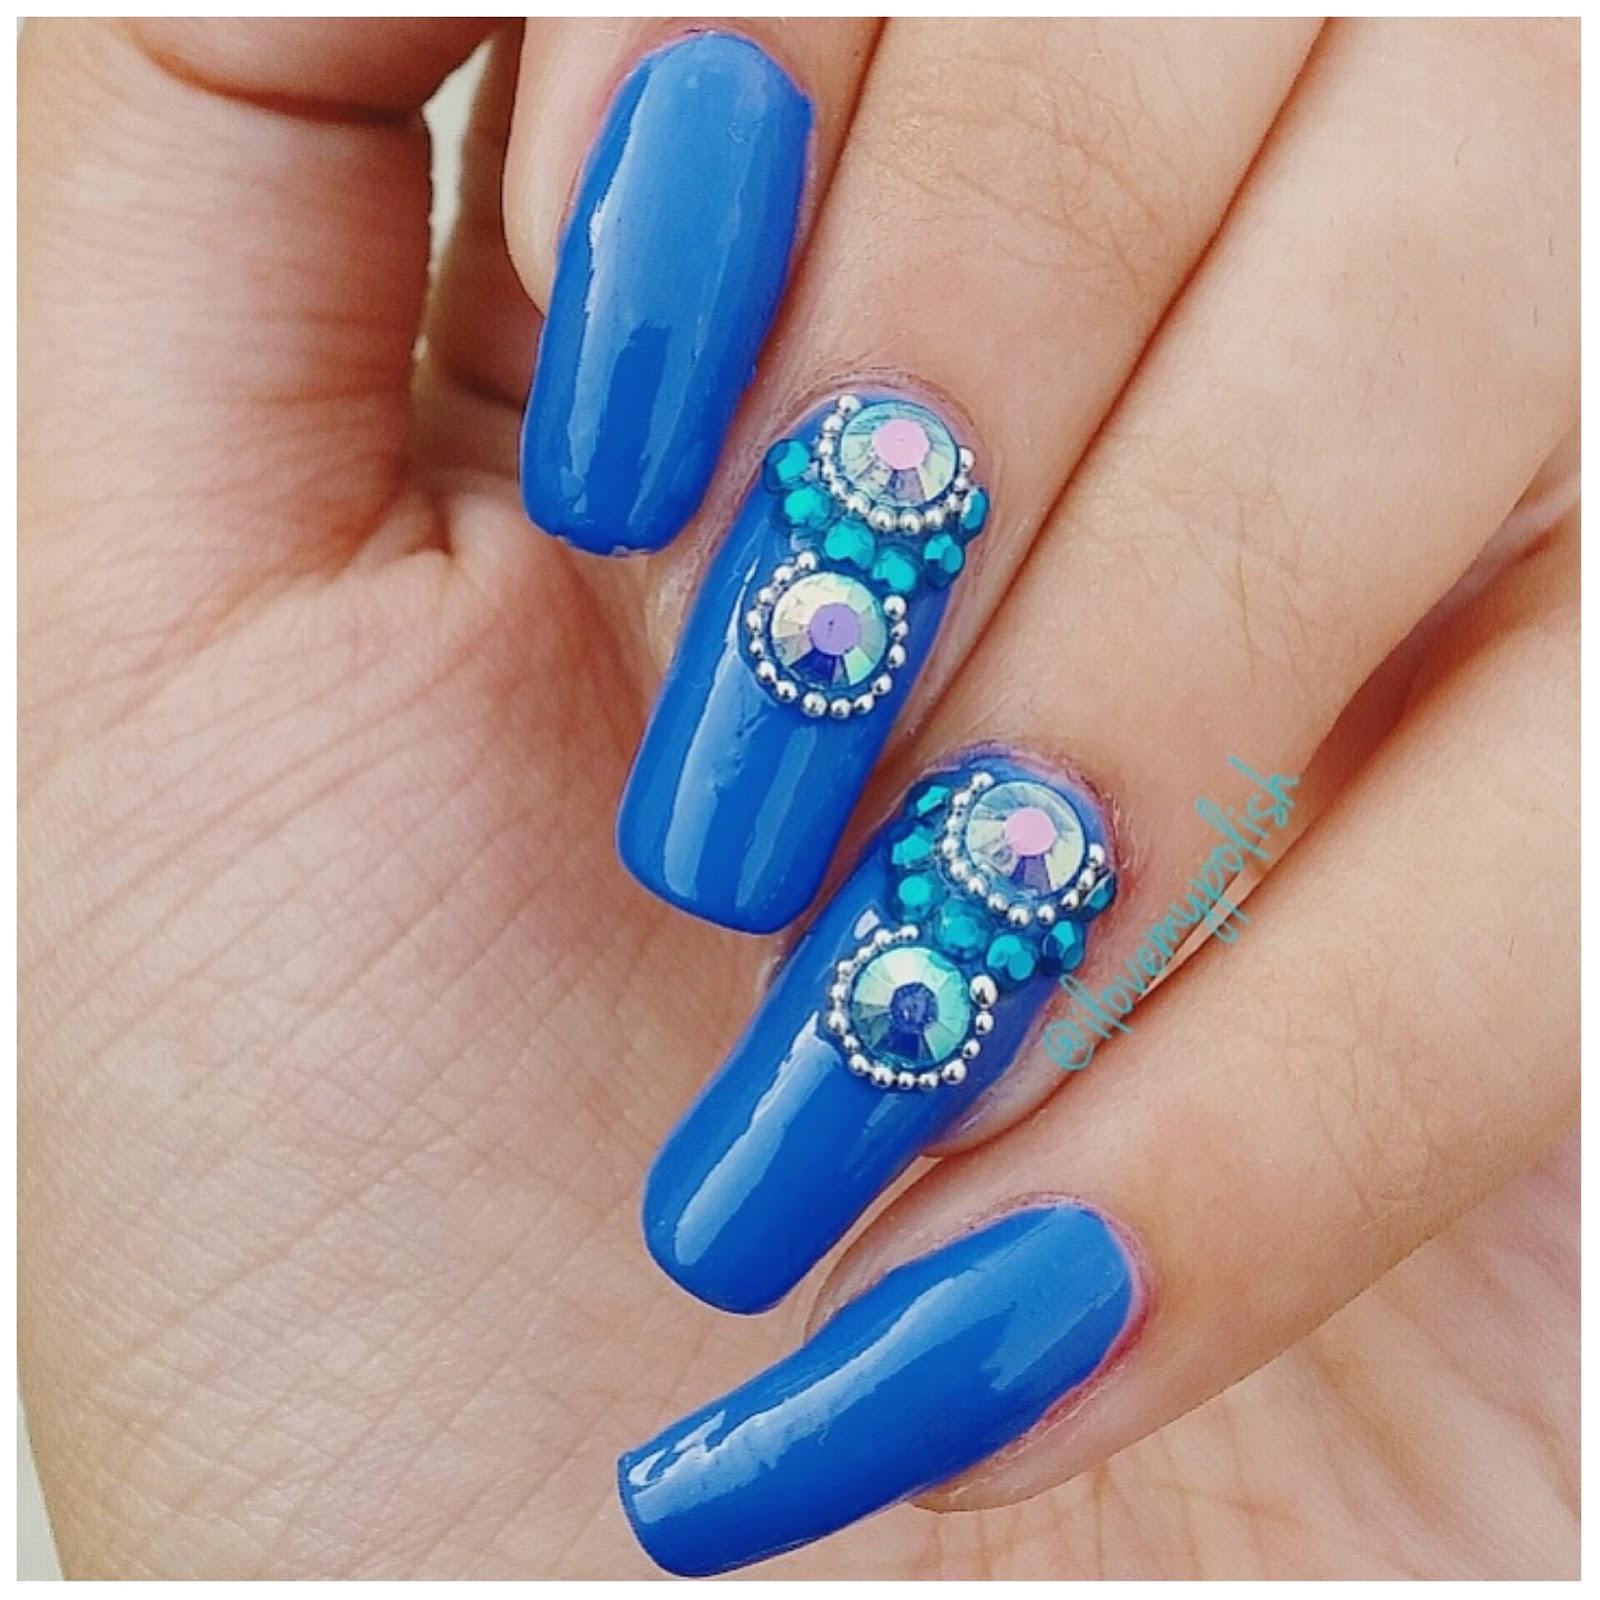 I Love My Polish Jeweled Nails Nailart